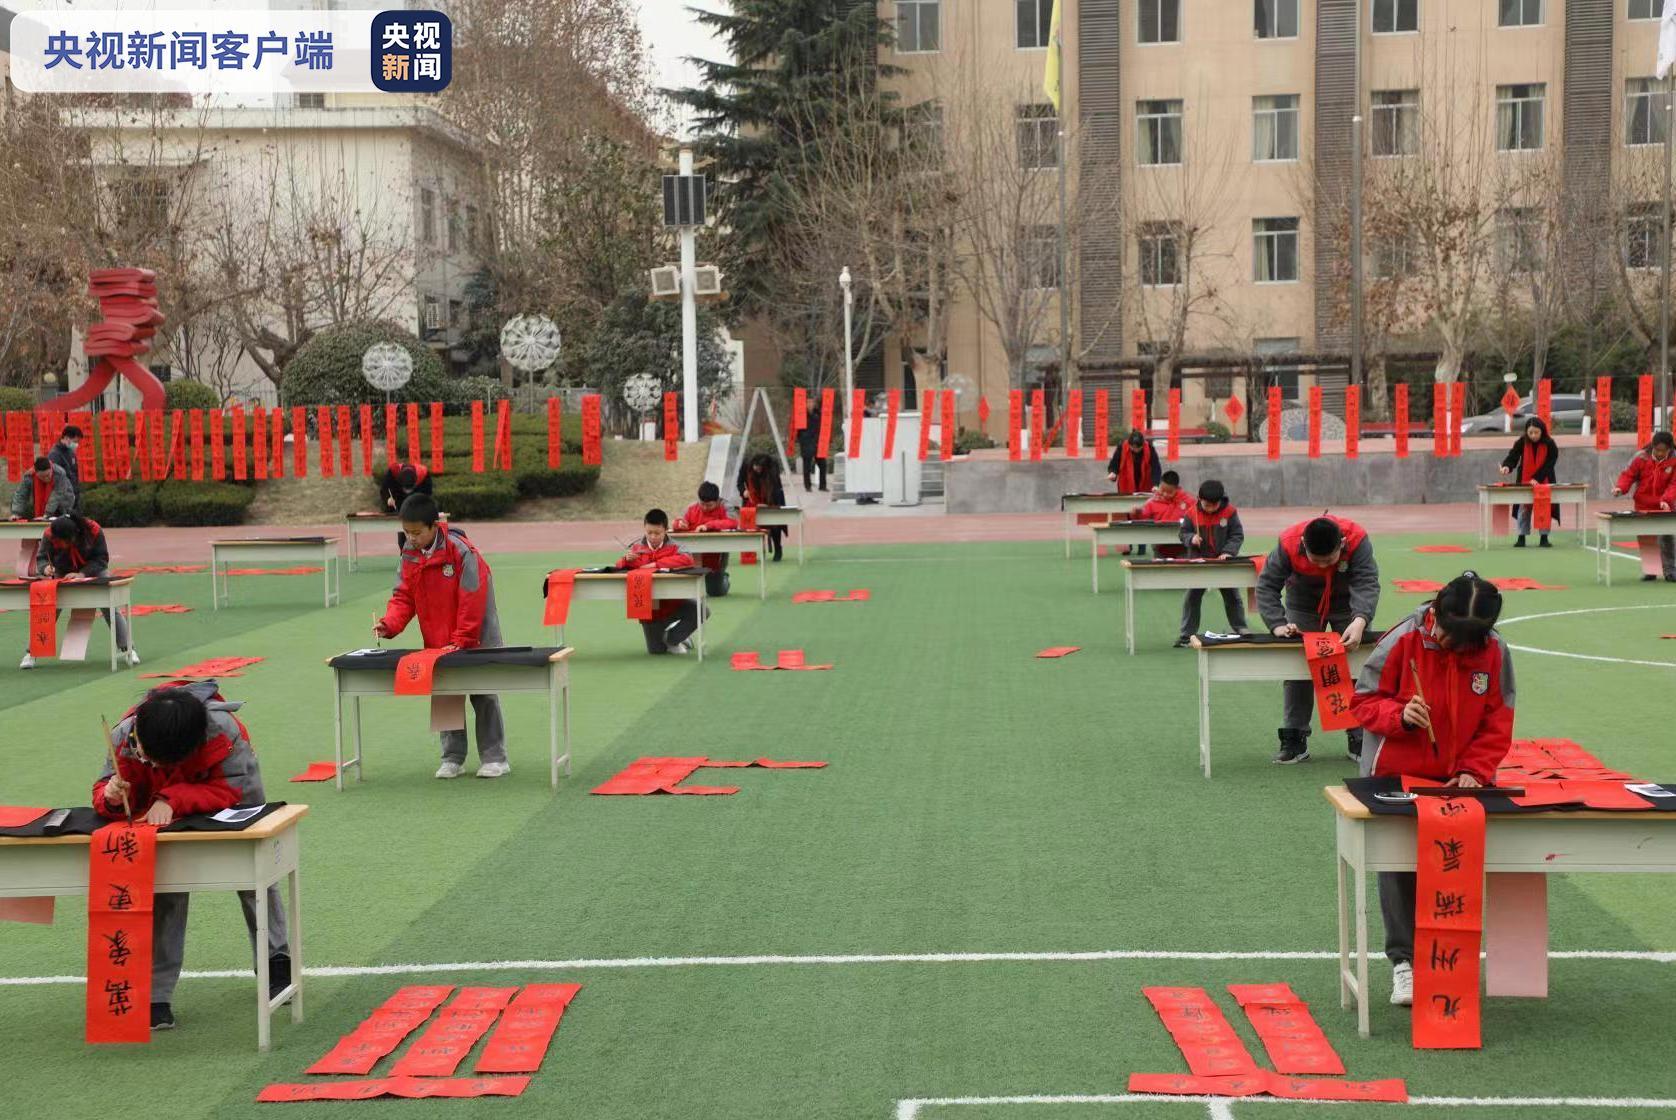 暖!陕西小学生连续3年写春联义卖 只为帮助同龄人